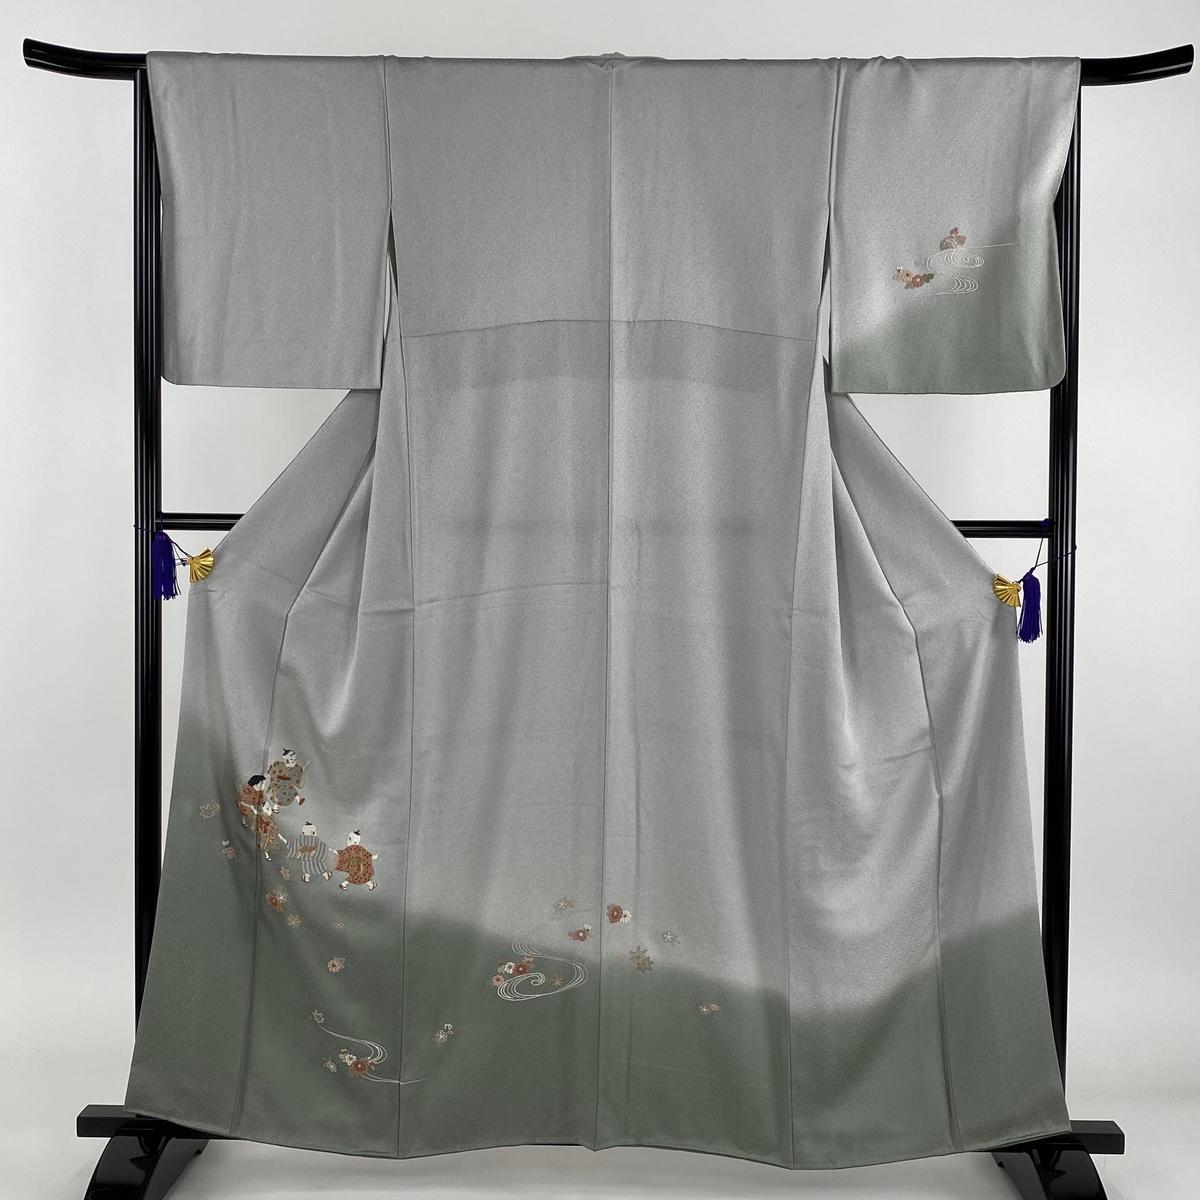 訪問着 秀品 童 草花 相良刺繍 灰色 袷 身丈159cm 裄丈66.5cm M 正絹 【中古】